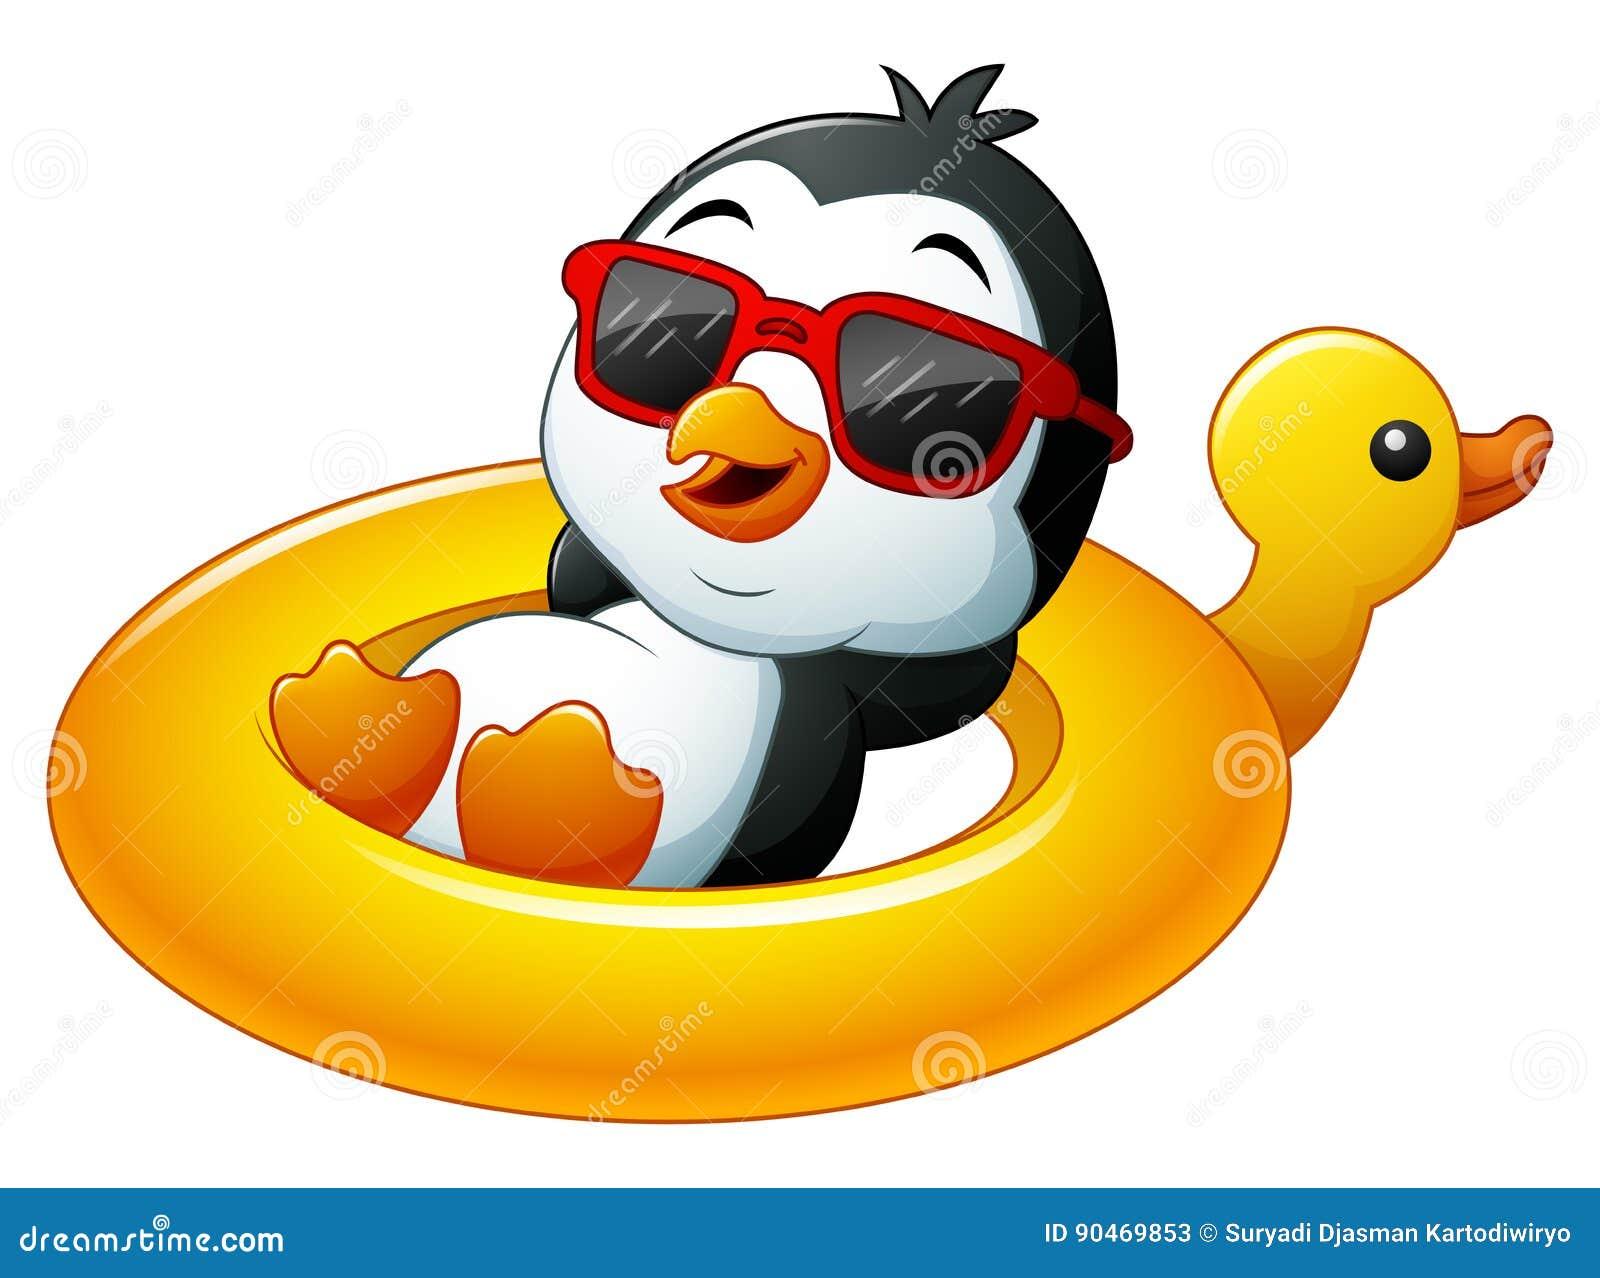 Cartoon Penguin In Summer Straw Hat Stock Vector ...